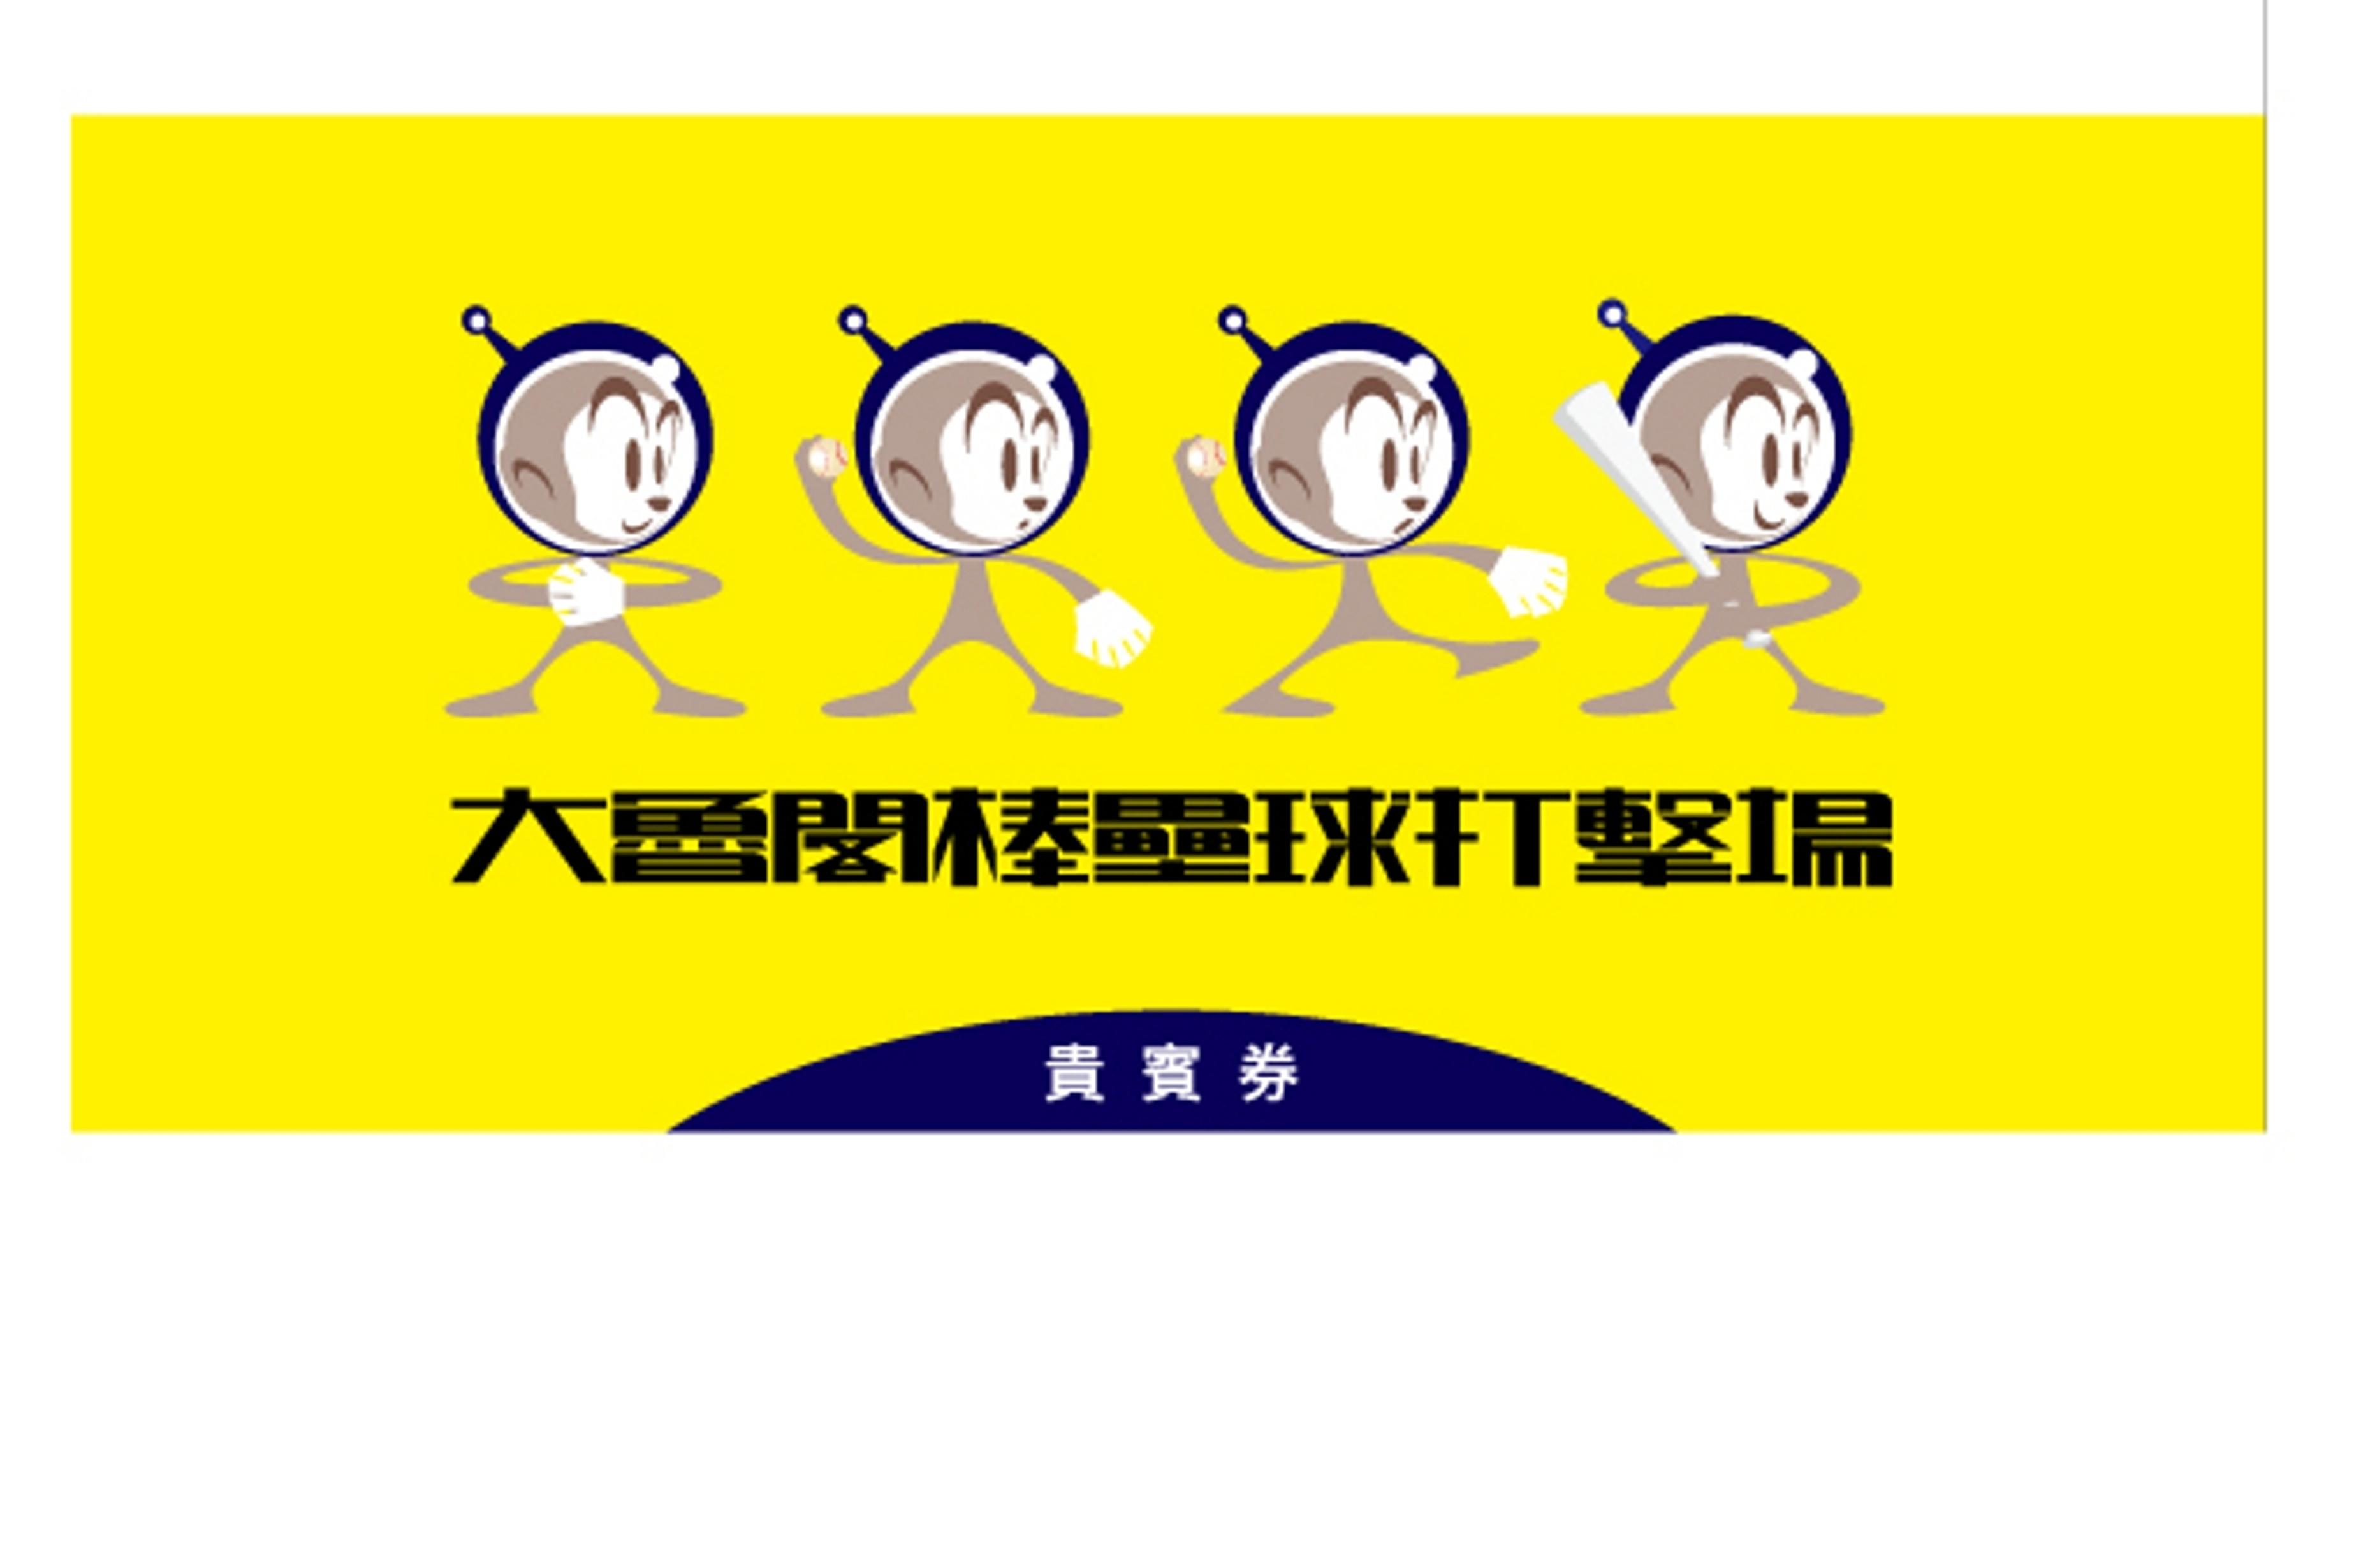 大魯閣貴賓券.jpg